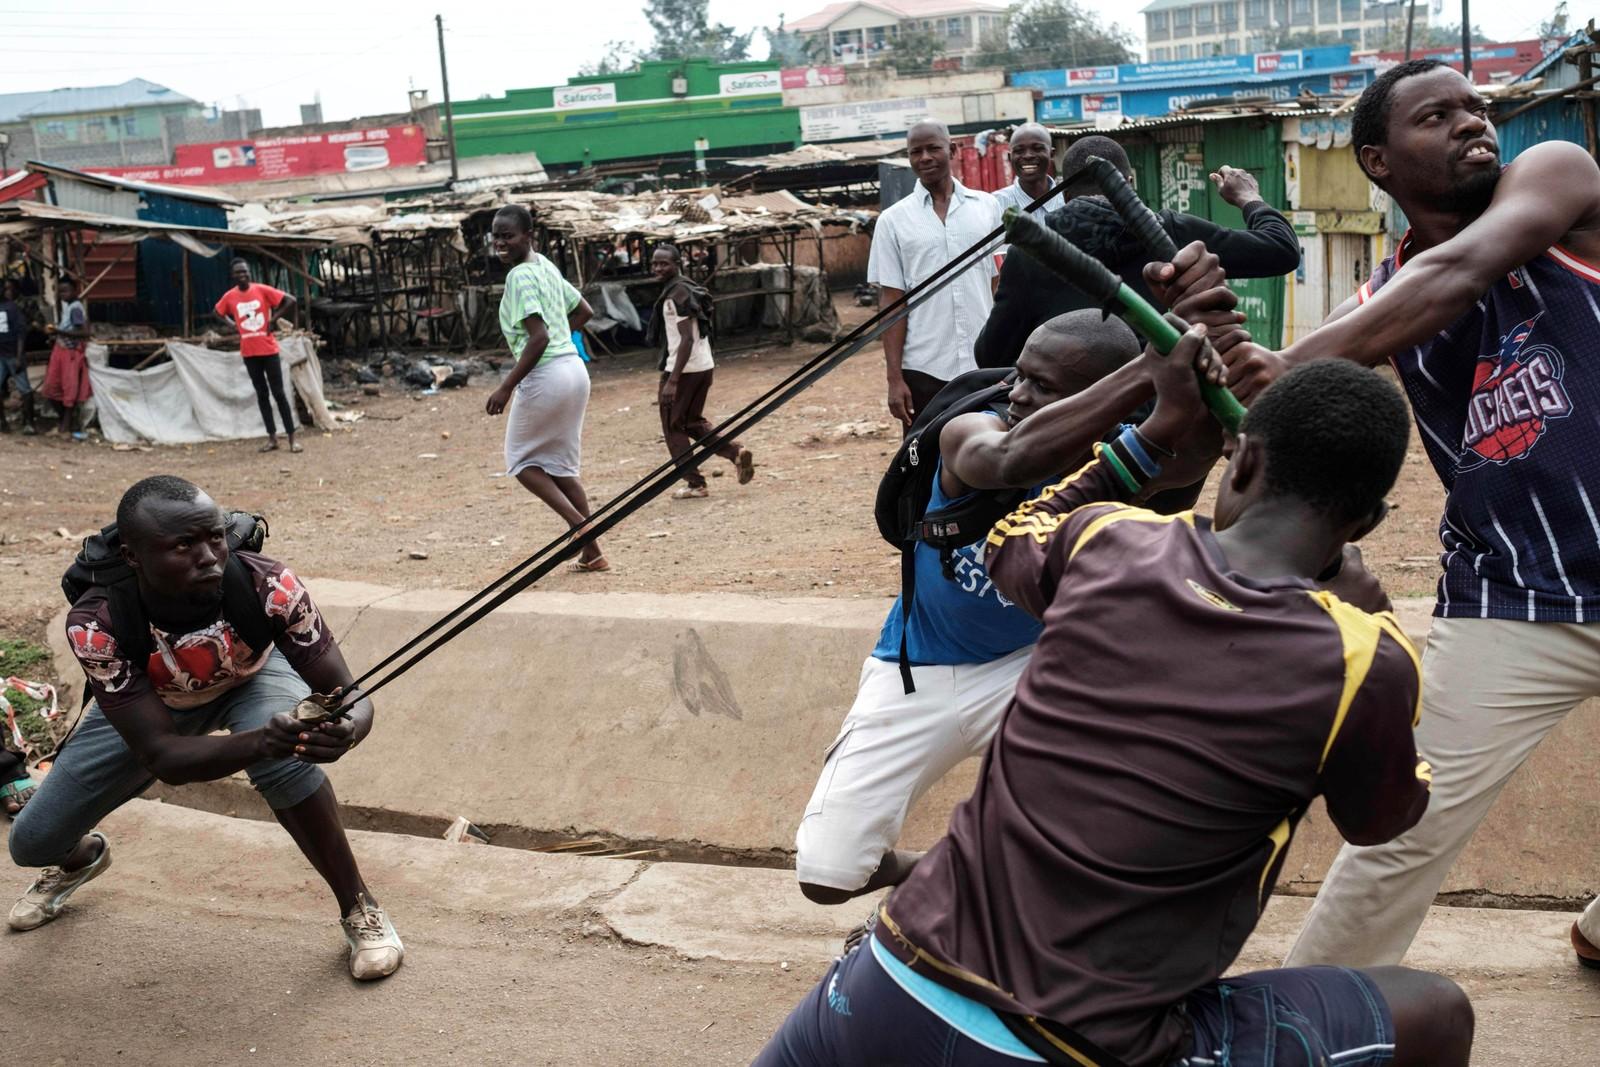 Demonstrasjon i Kisumu i Kenya. De vil at ledere som var ansvarlig for valget som ble annullert skal sparkes.